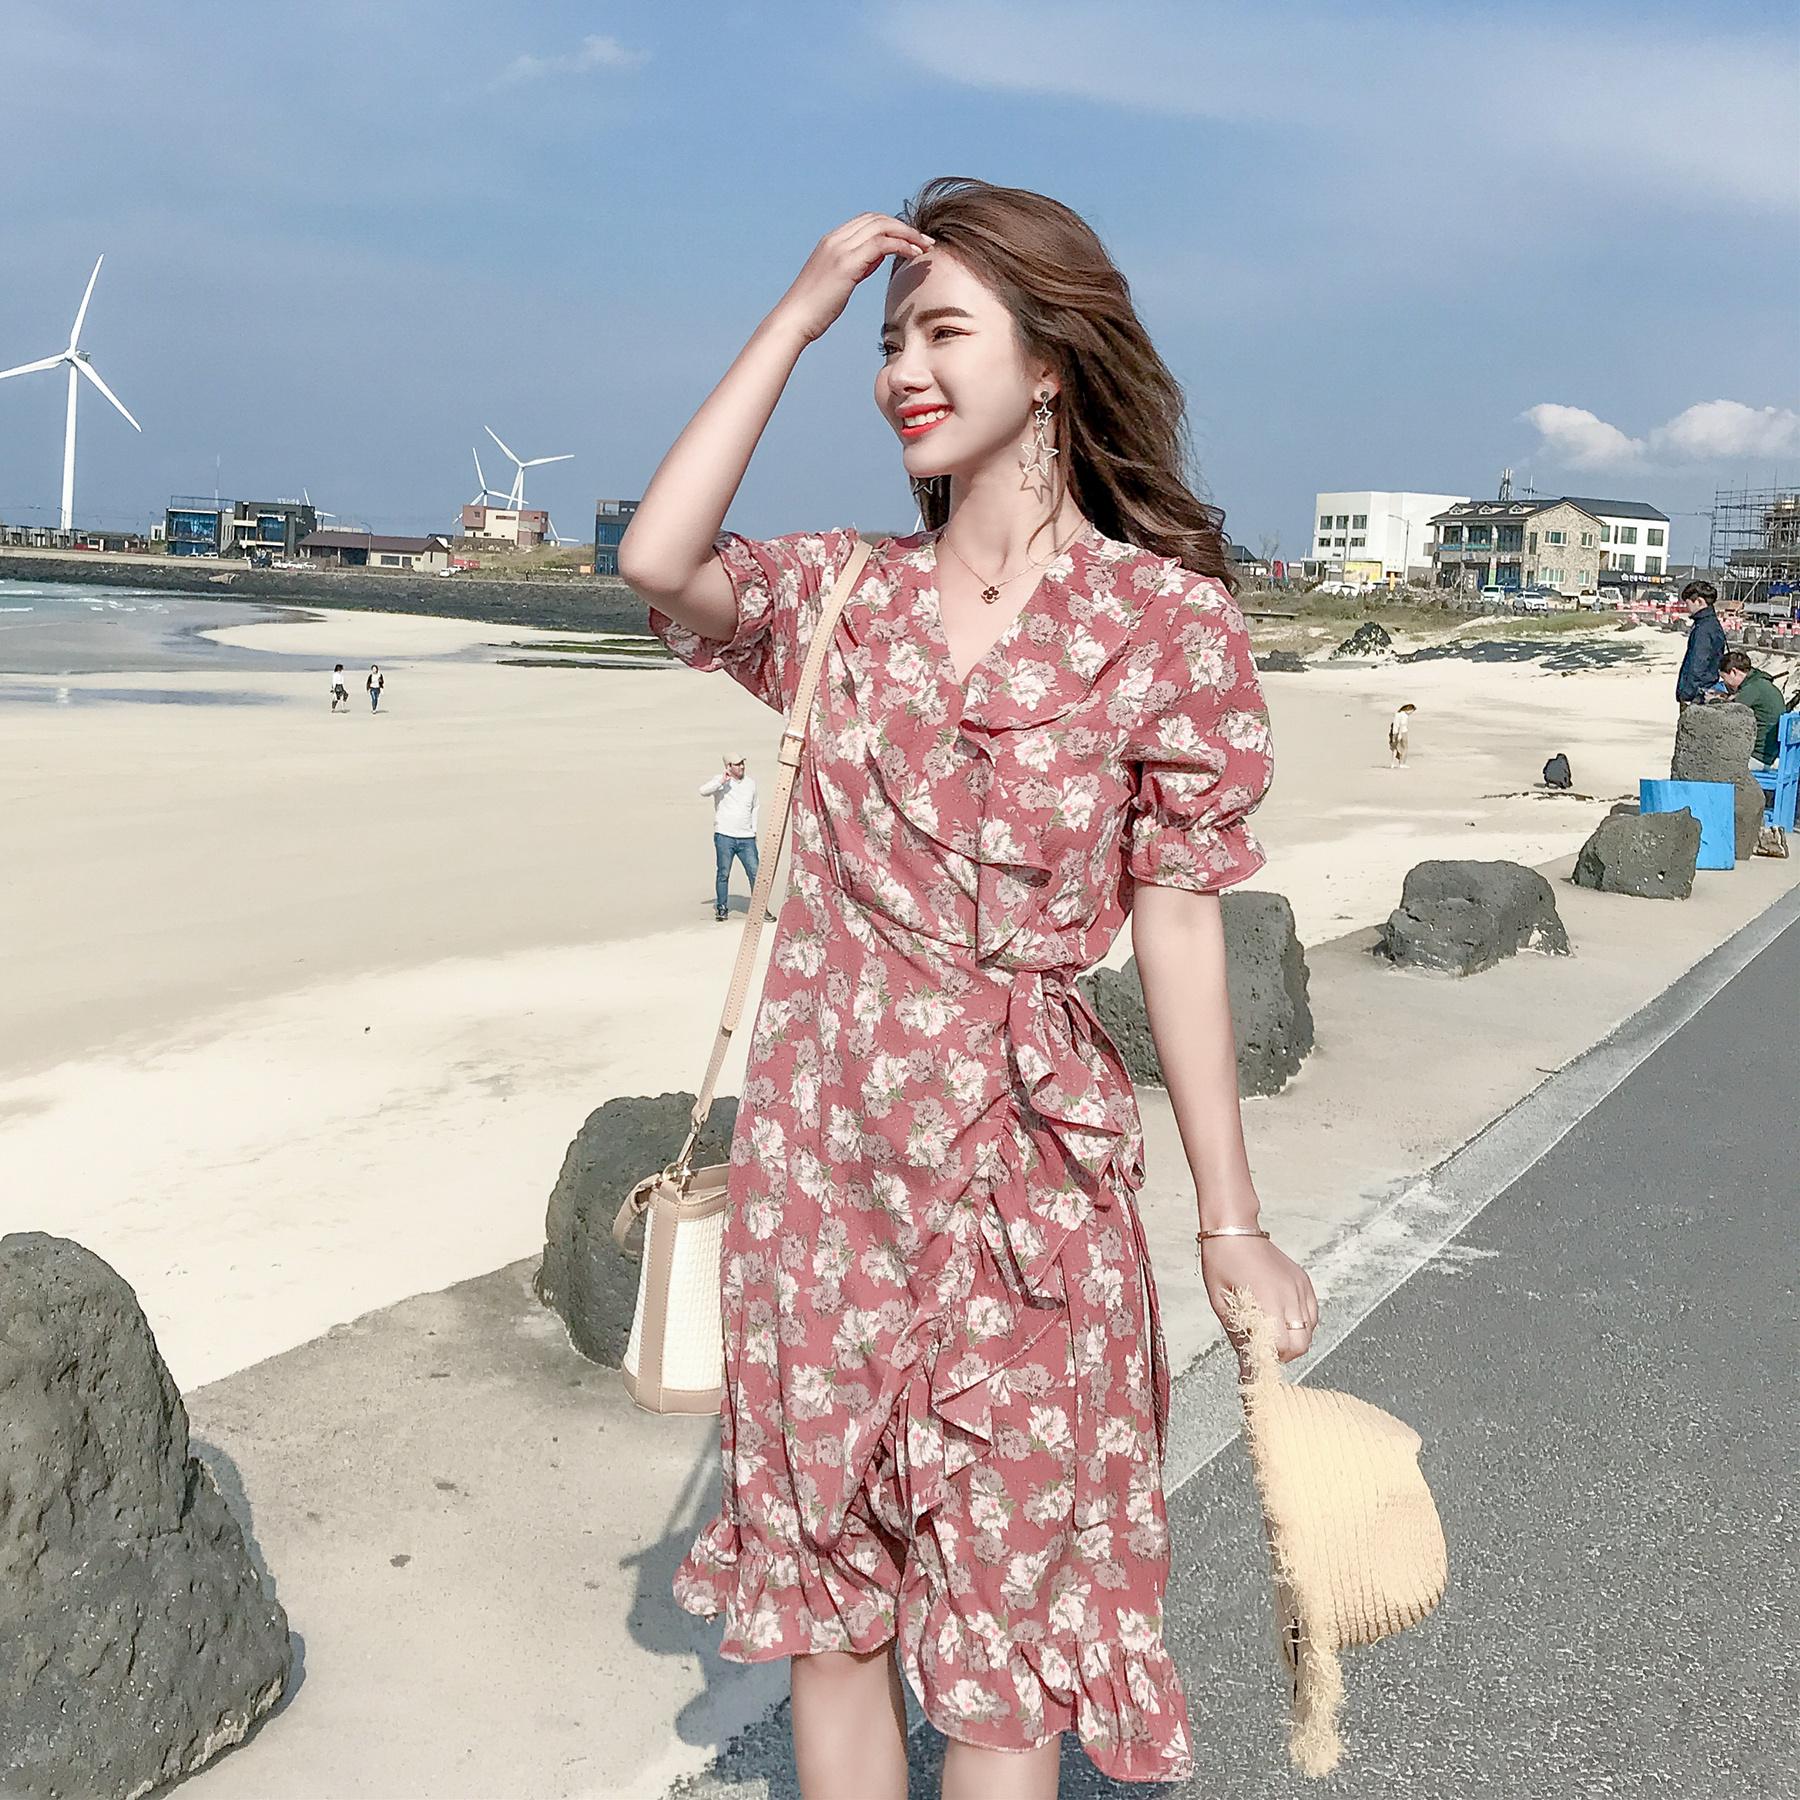 2018夏季新款甜美碎花雪纺系带一片式连衣裙荷叶边印花渡假海滩裙